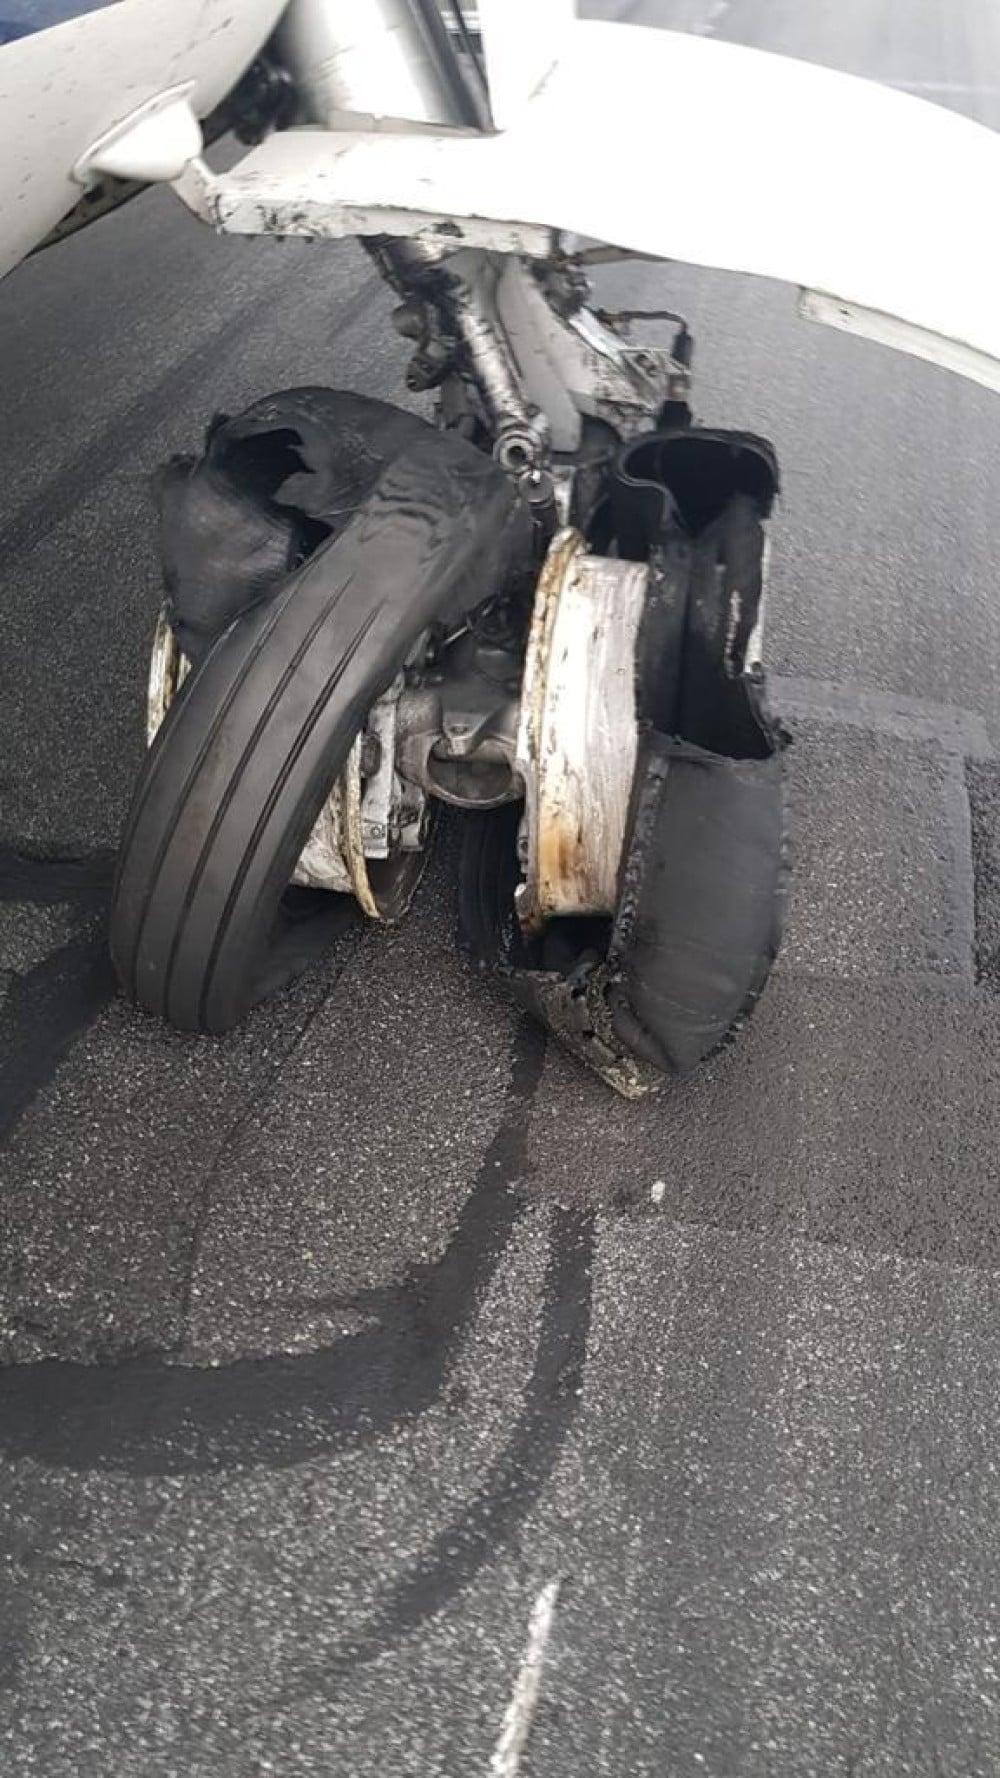 """(Foto/Video) Avion Tarom, pneurile au explodat la aterizare! Ciprian: """"Este inadmisibil ca toate cele 4 roti din spate sa explodeze. Acesta este rezultatul ..."""" 4"""